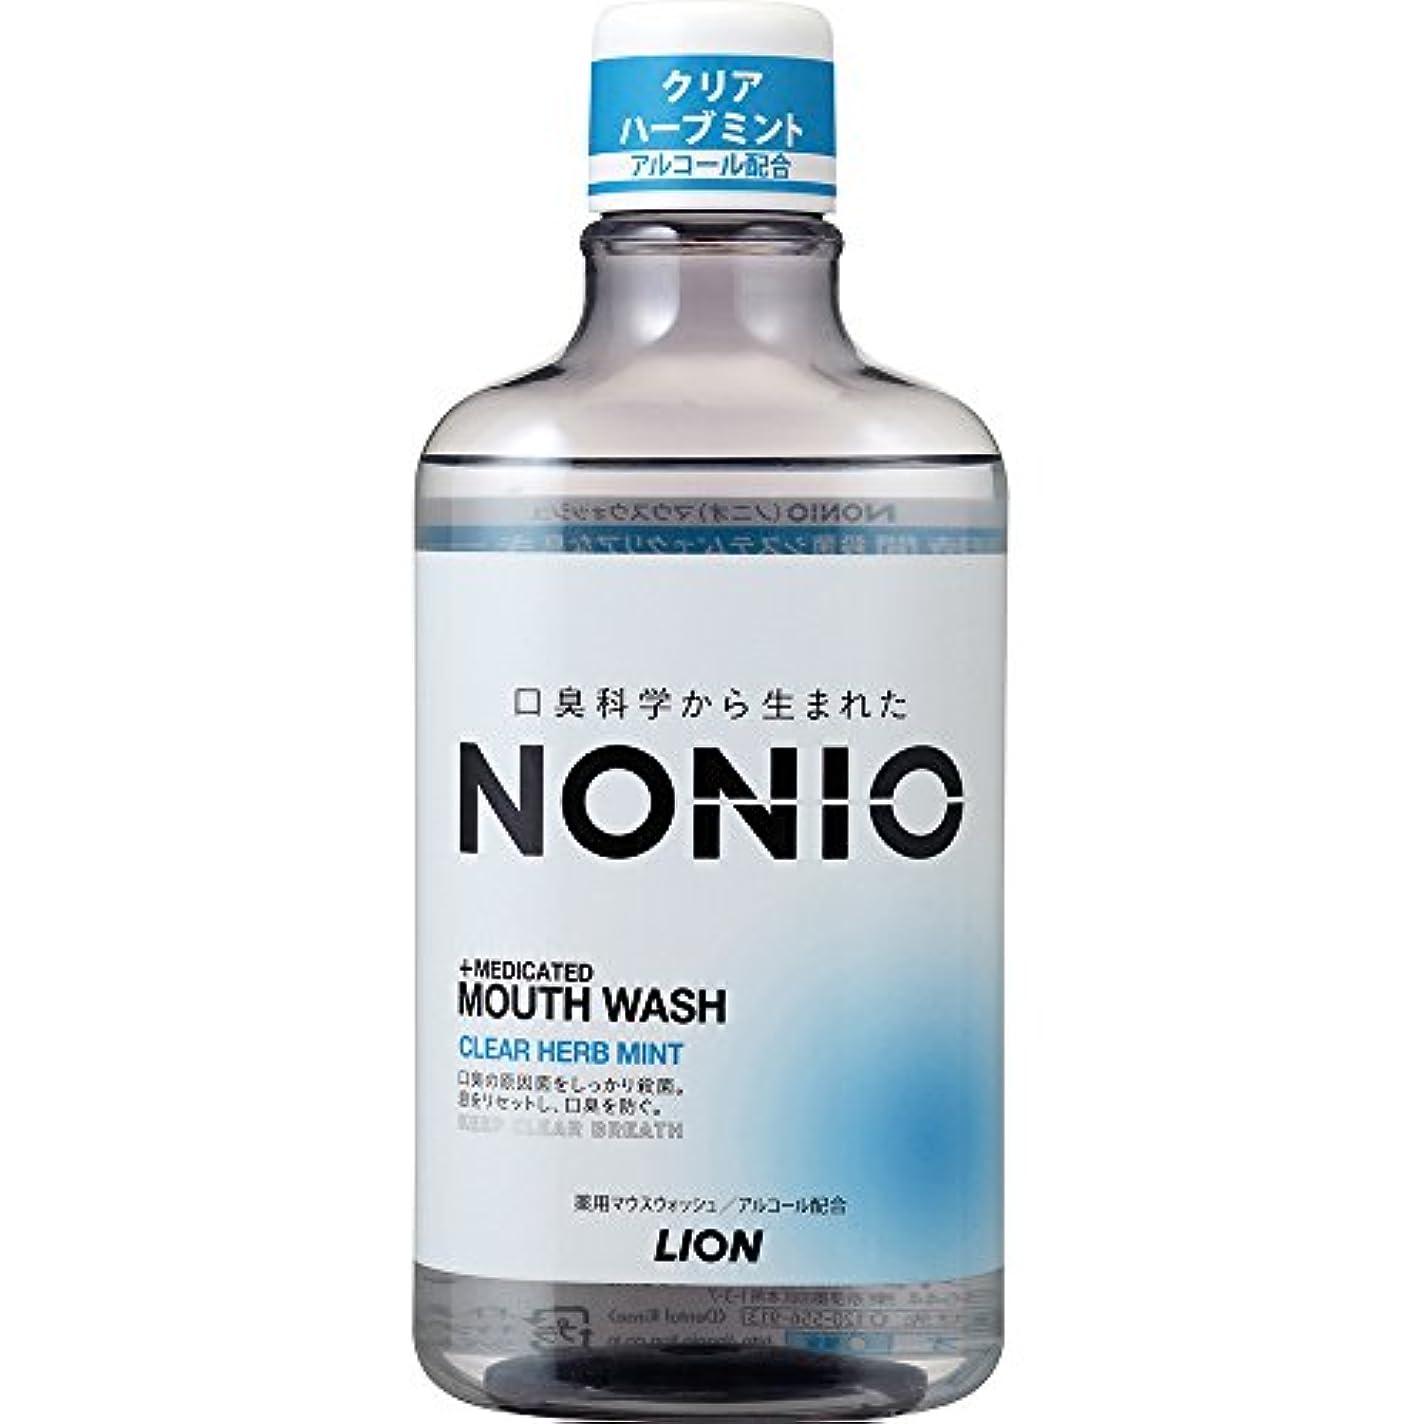 重要性サッカー解決NONIO(ノニオ) [医薬部外品]NONIO マウスウォッシュ クリアハーブミント 洗口液 単品 600ml